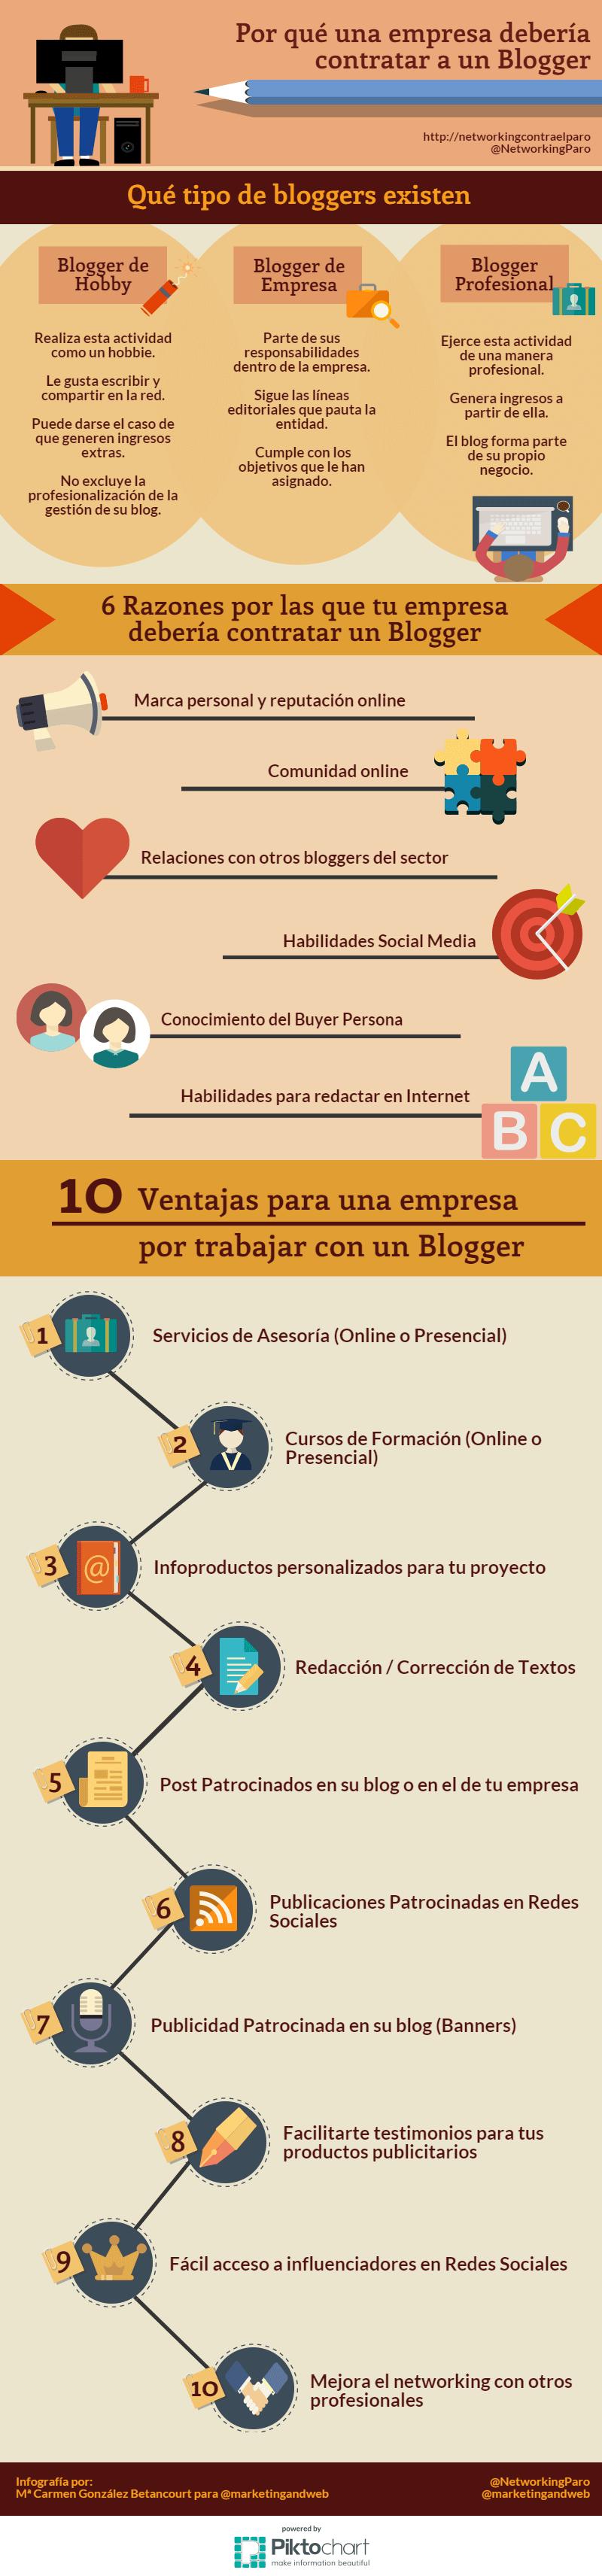 XXLa importancia del blogger en las empresas #Infografía